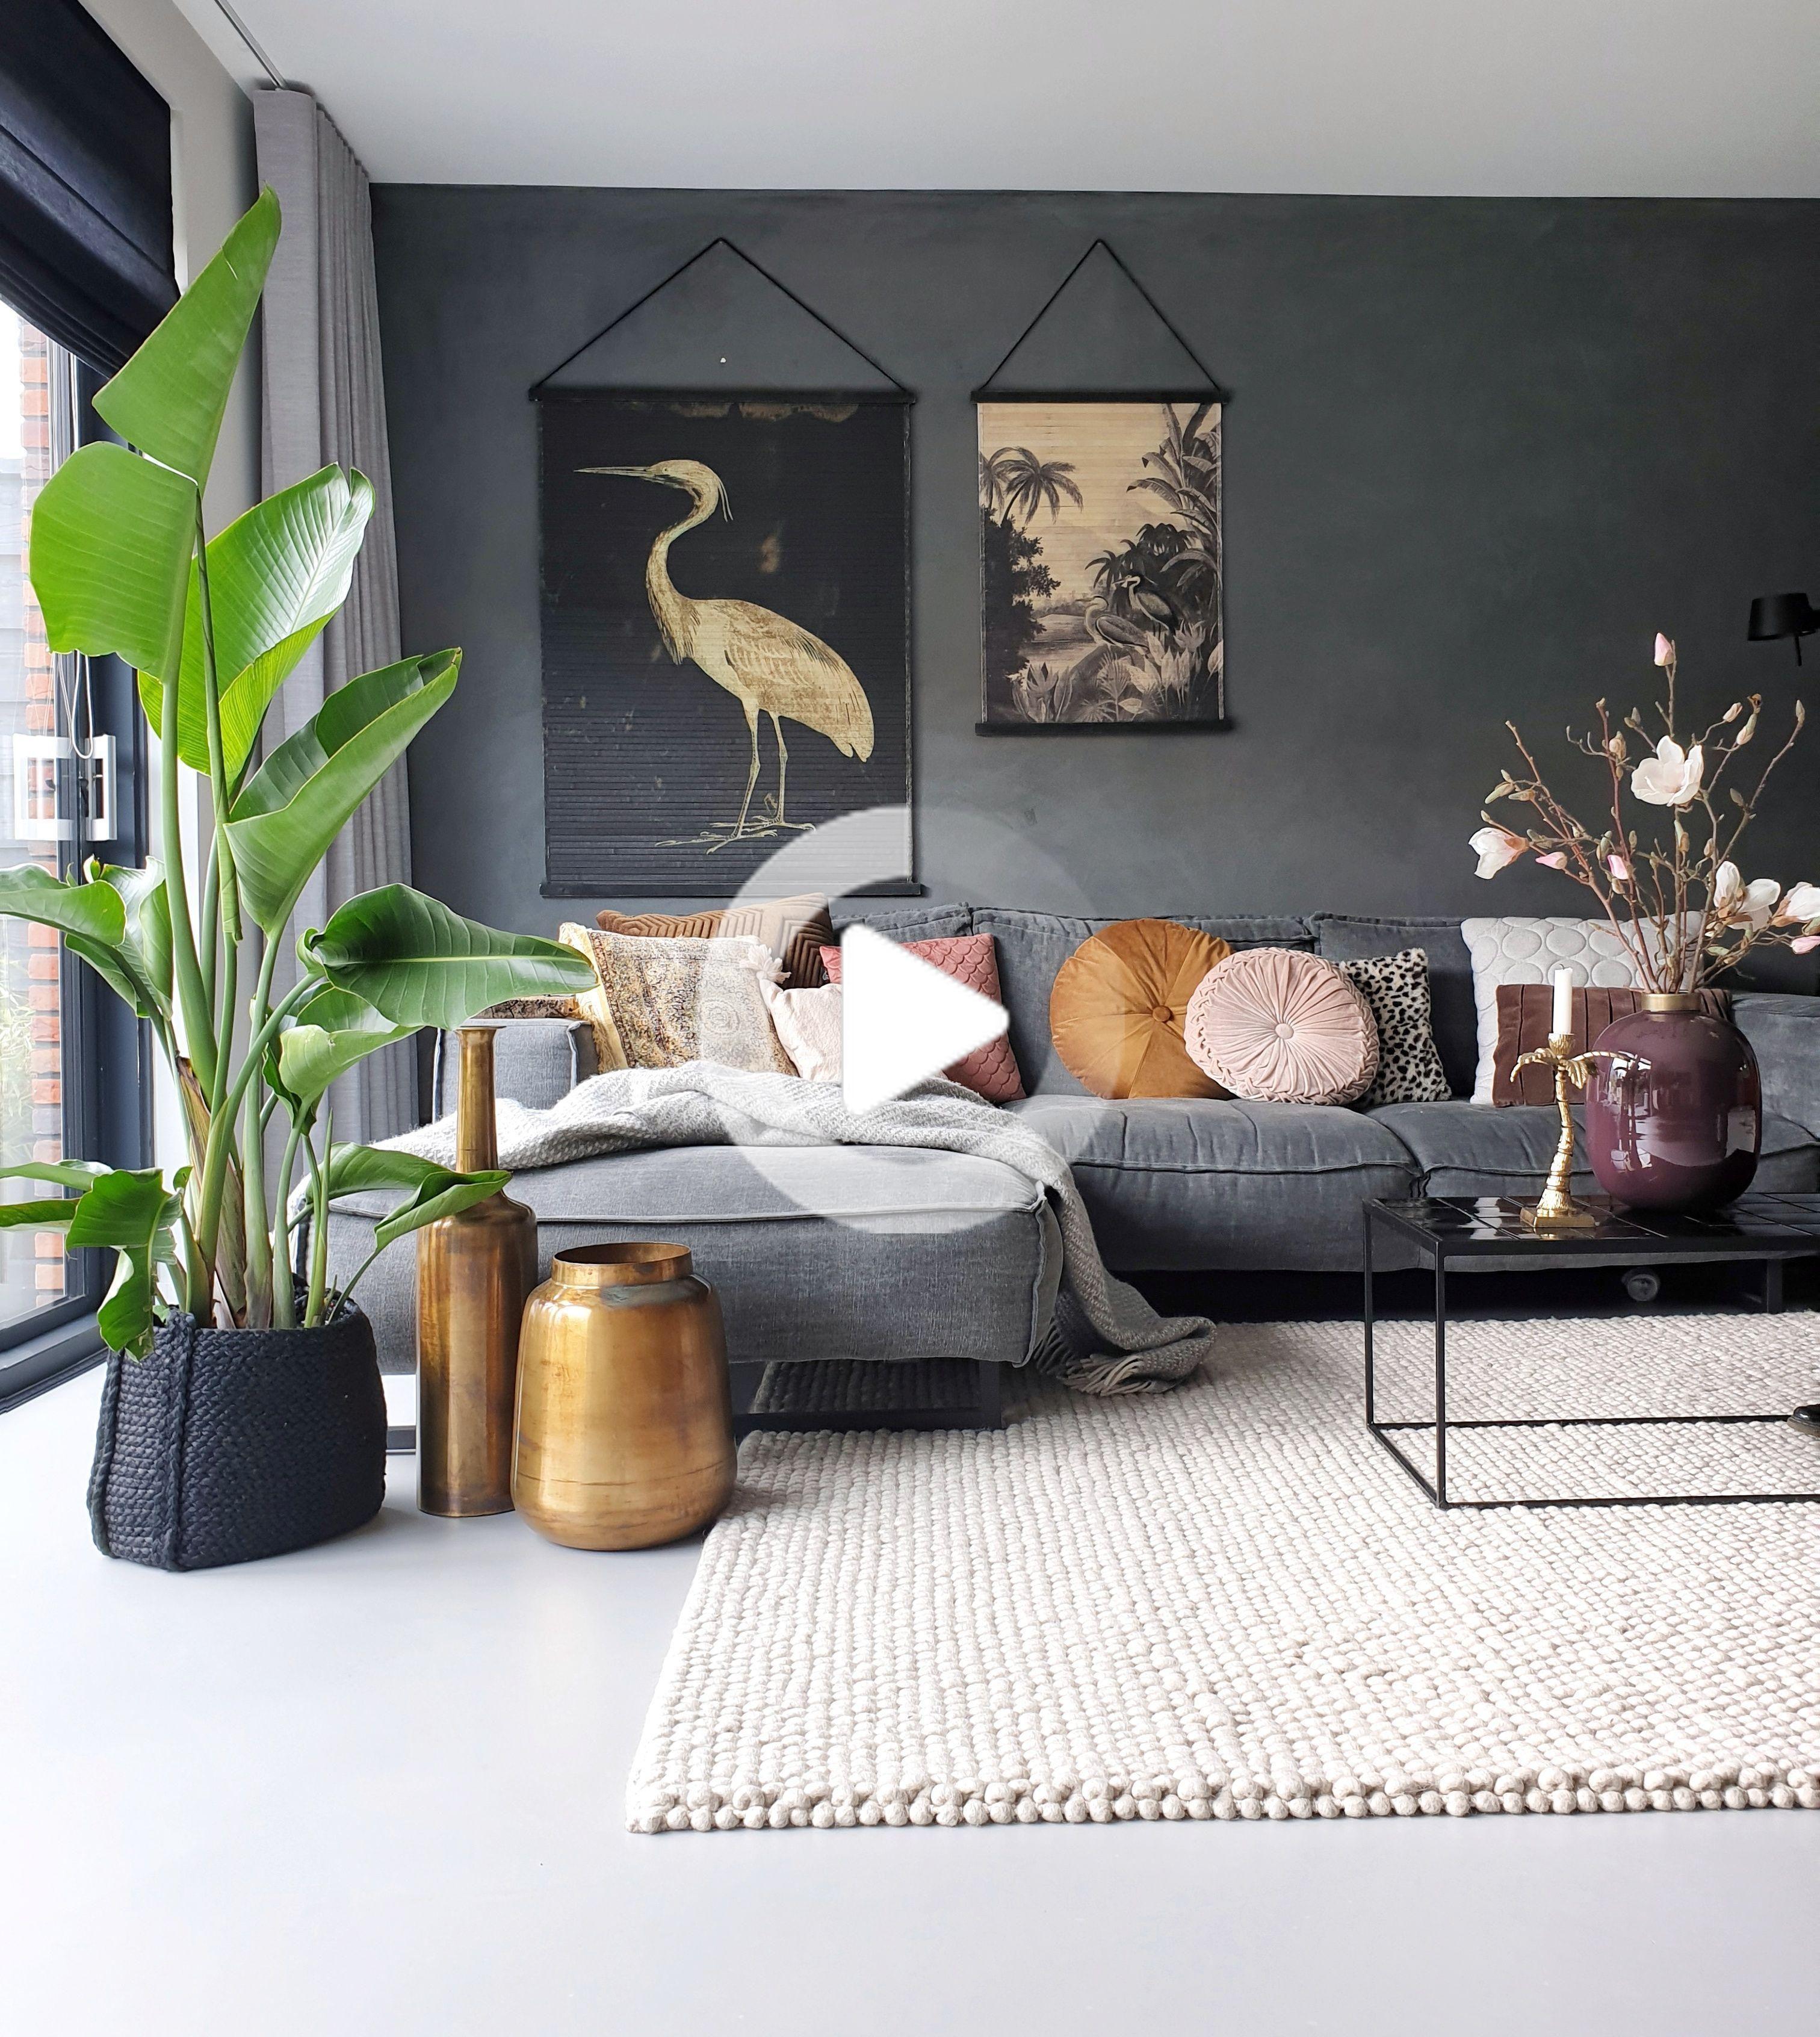 Kleine Anpassungen In Ihrem Interieur Mit Grosser Wirkung Living Room Design Modern Living Room Decor Decor